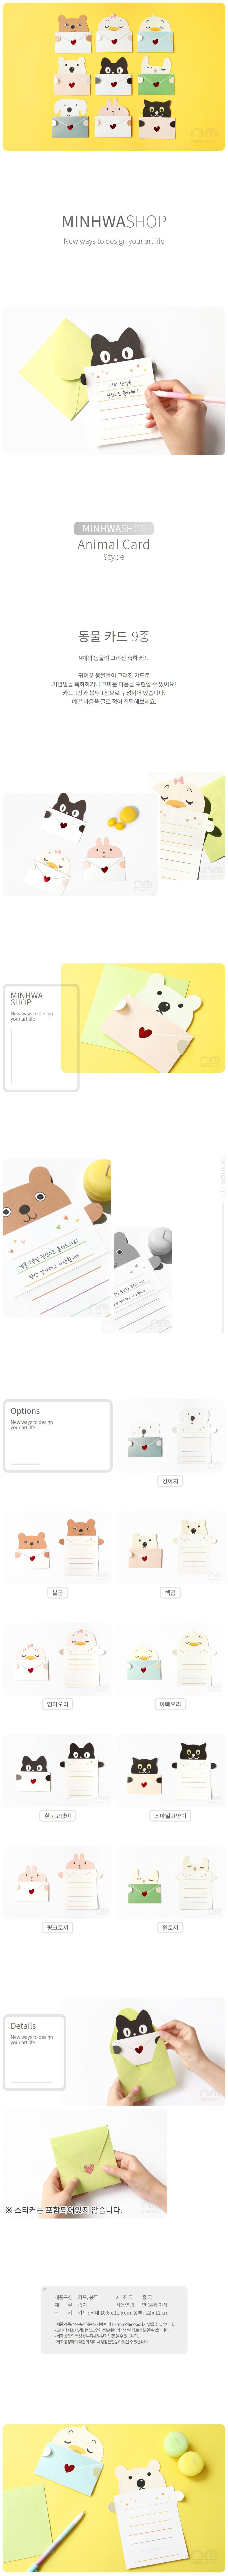 미니 생일 축하 카드 동물9종 UFCCA002Z600원-민화샵디자인문구, 카드/편지/봉투, 카드, 생일카드바보사랑미니 생일 축하 카드 동물9종 UFCCA002Z600원-민화샵디자인문구, 카드/편지/봉투, 카드, 생일카드바보사랑